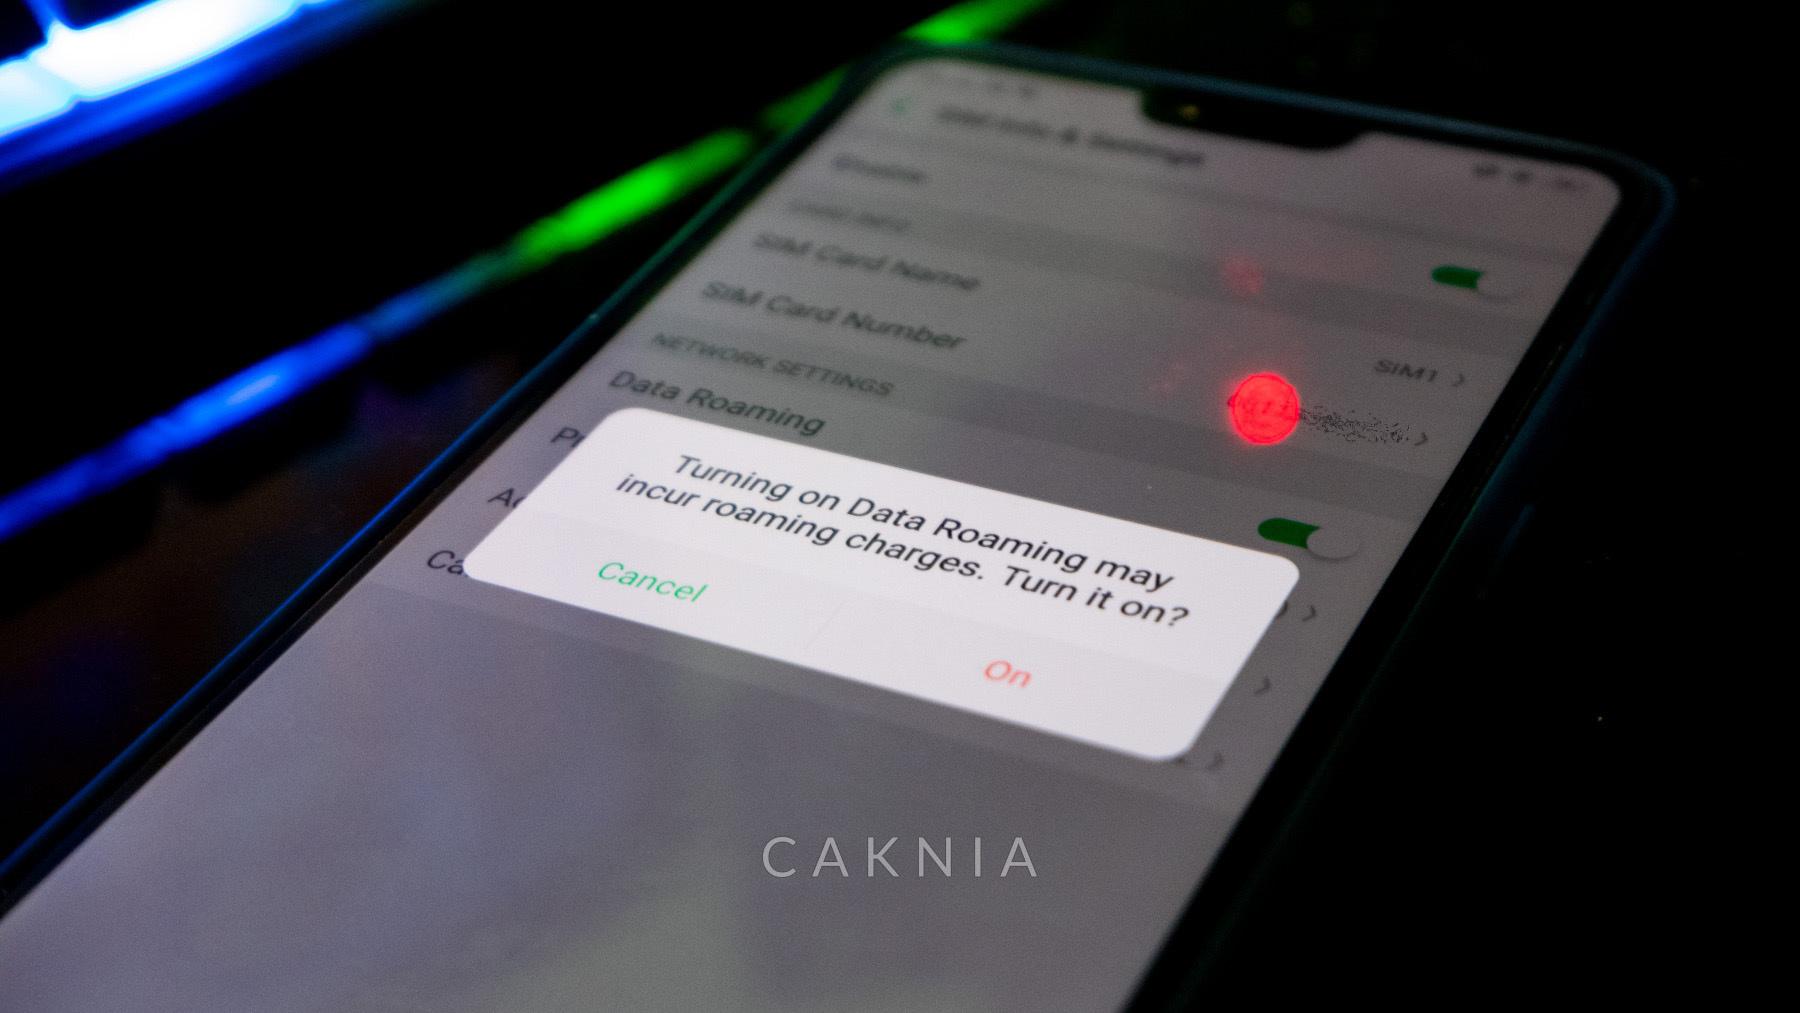 Aktivasi Roaming di Smartphone